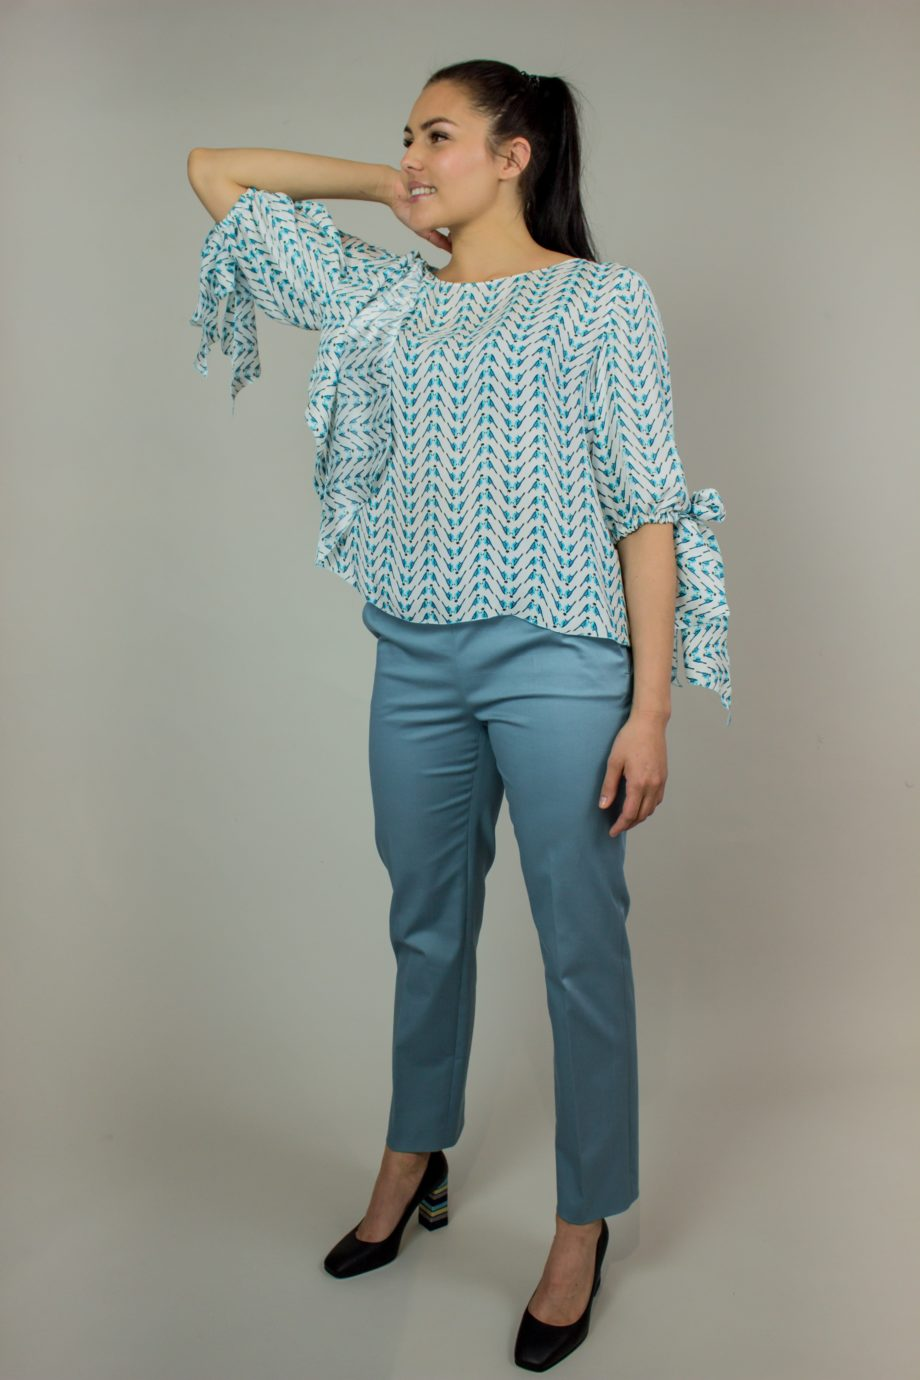 10. KRISTINA TI Turquoise silk blouse